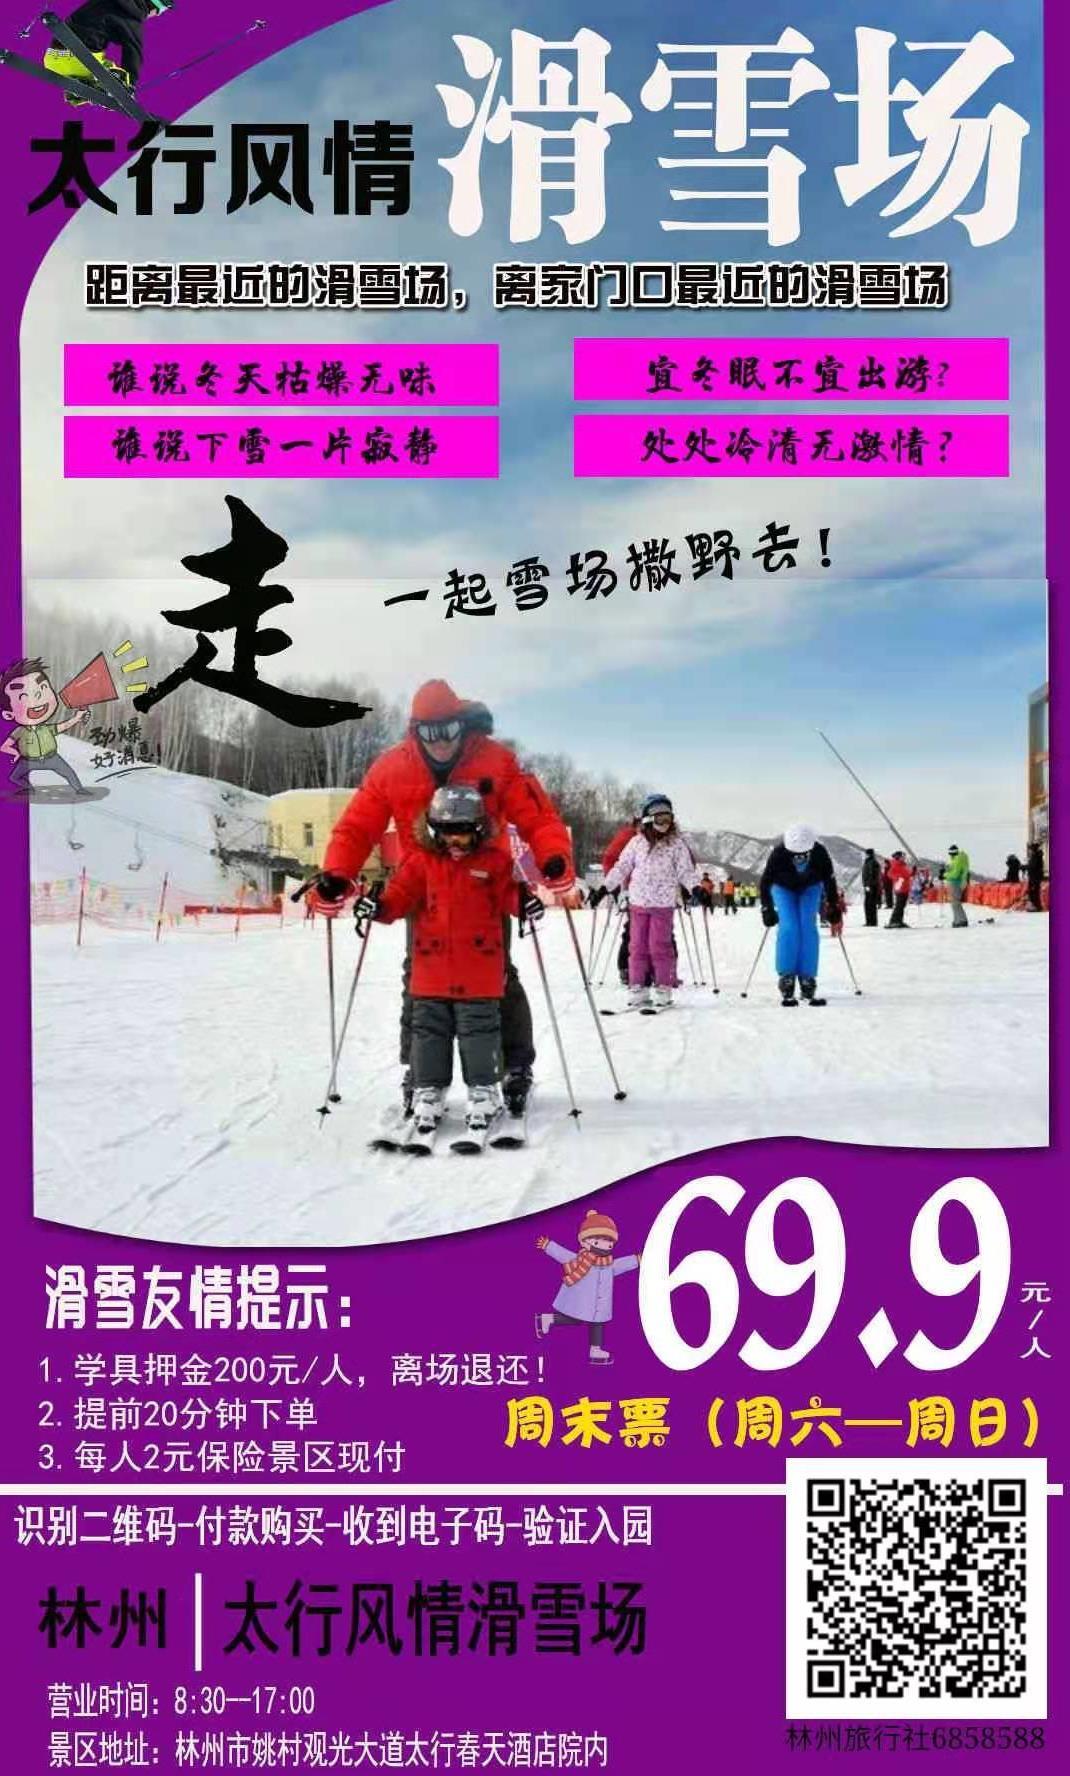 林州太行风情滑雪票